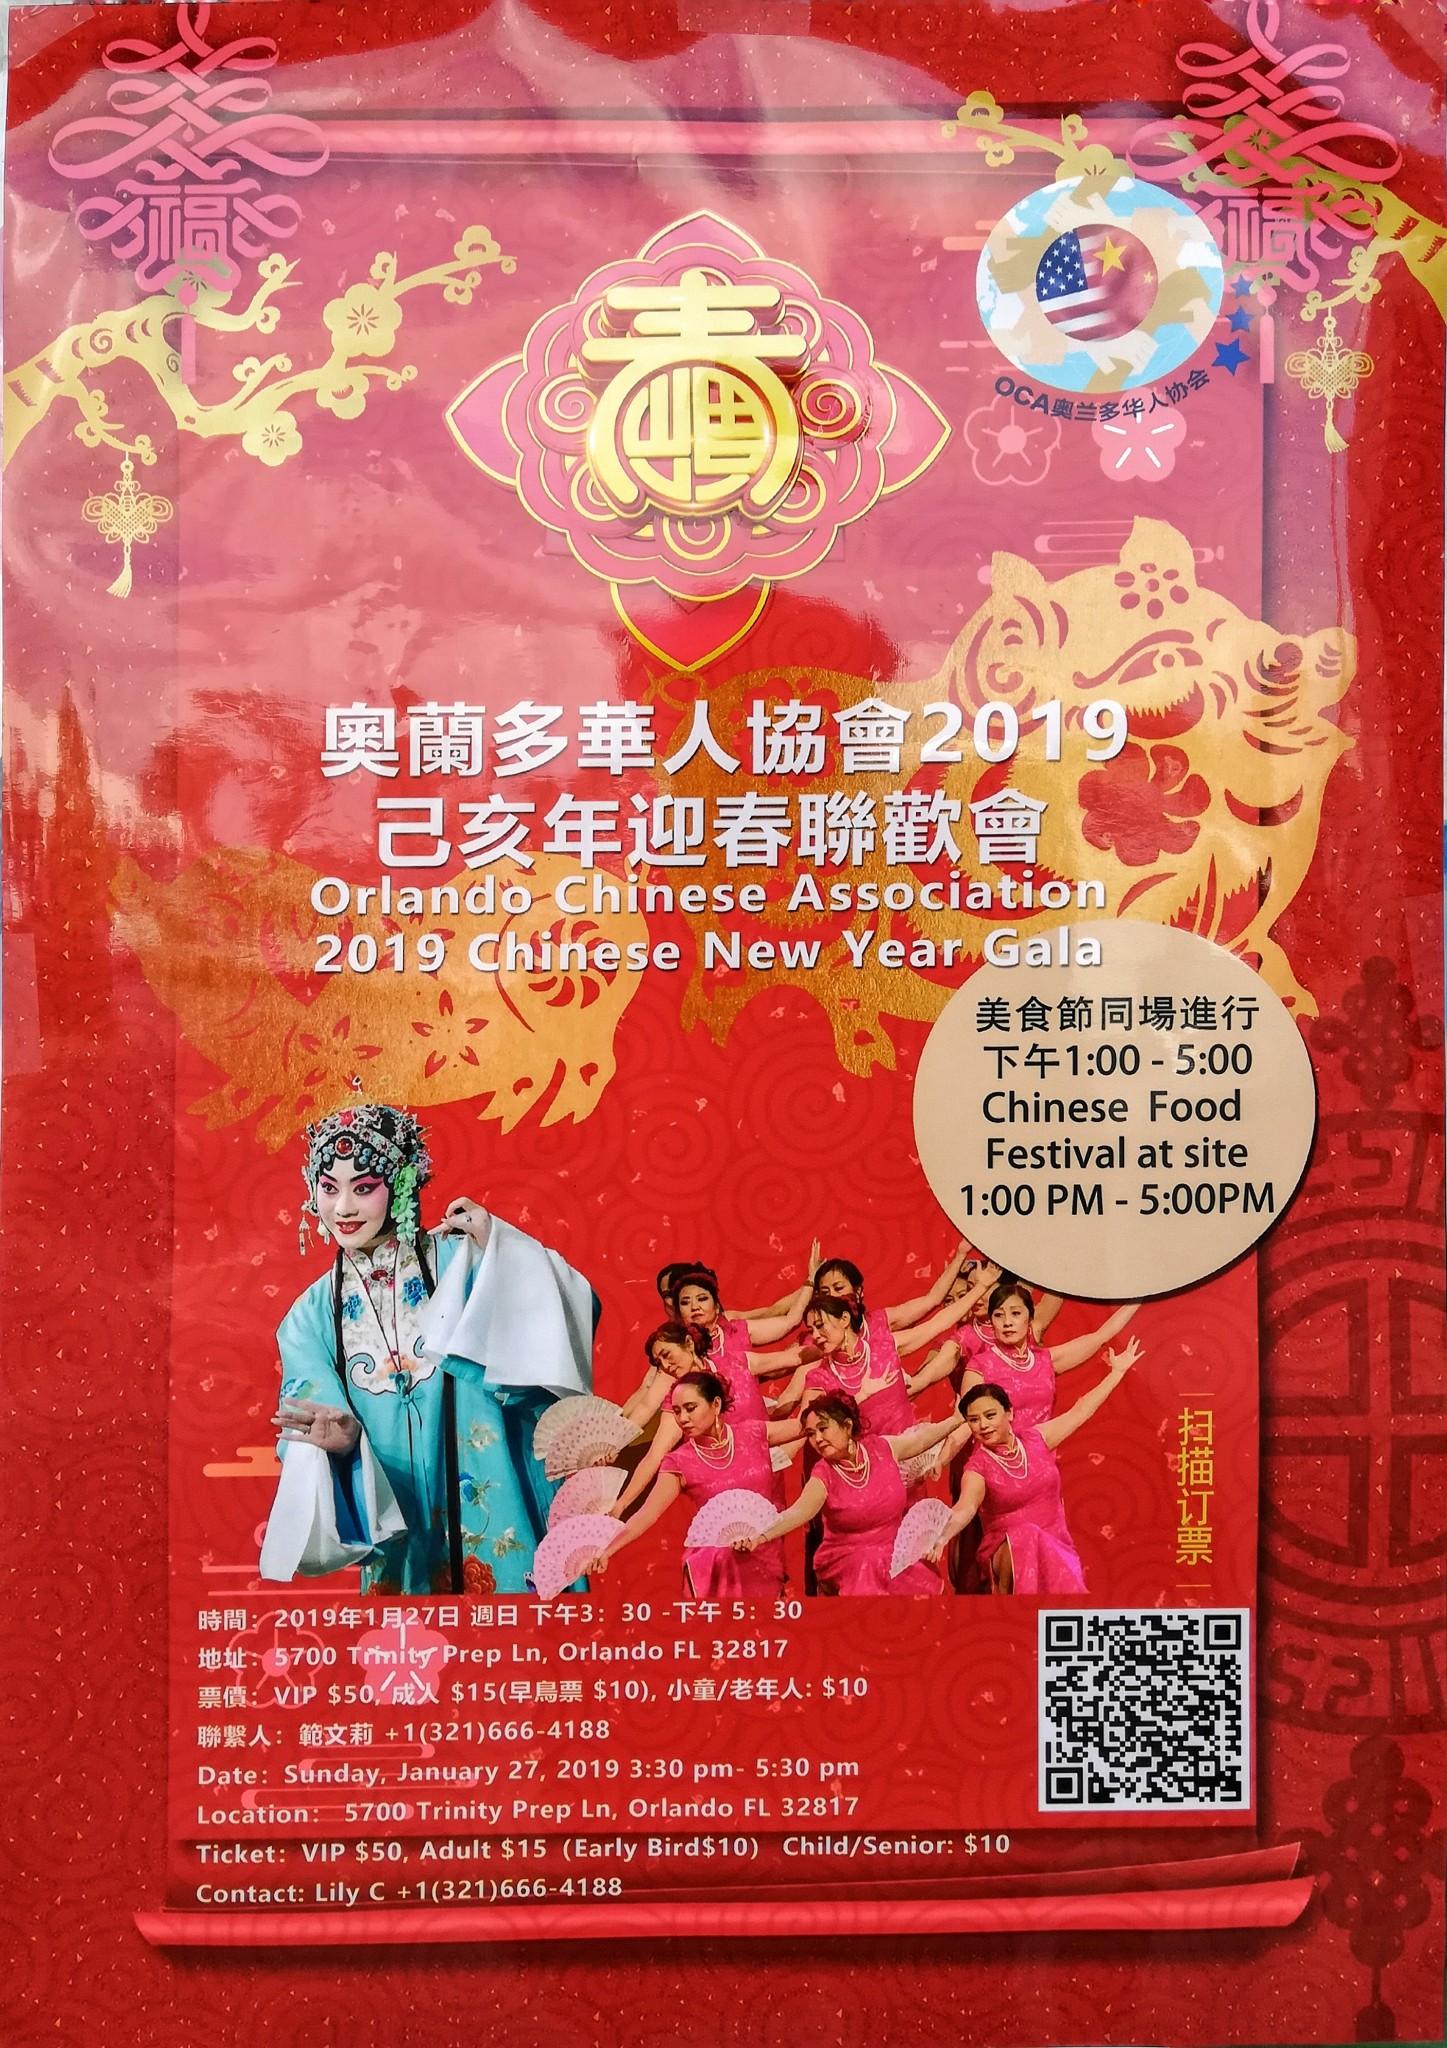 OCA Chinese New Year Gala